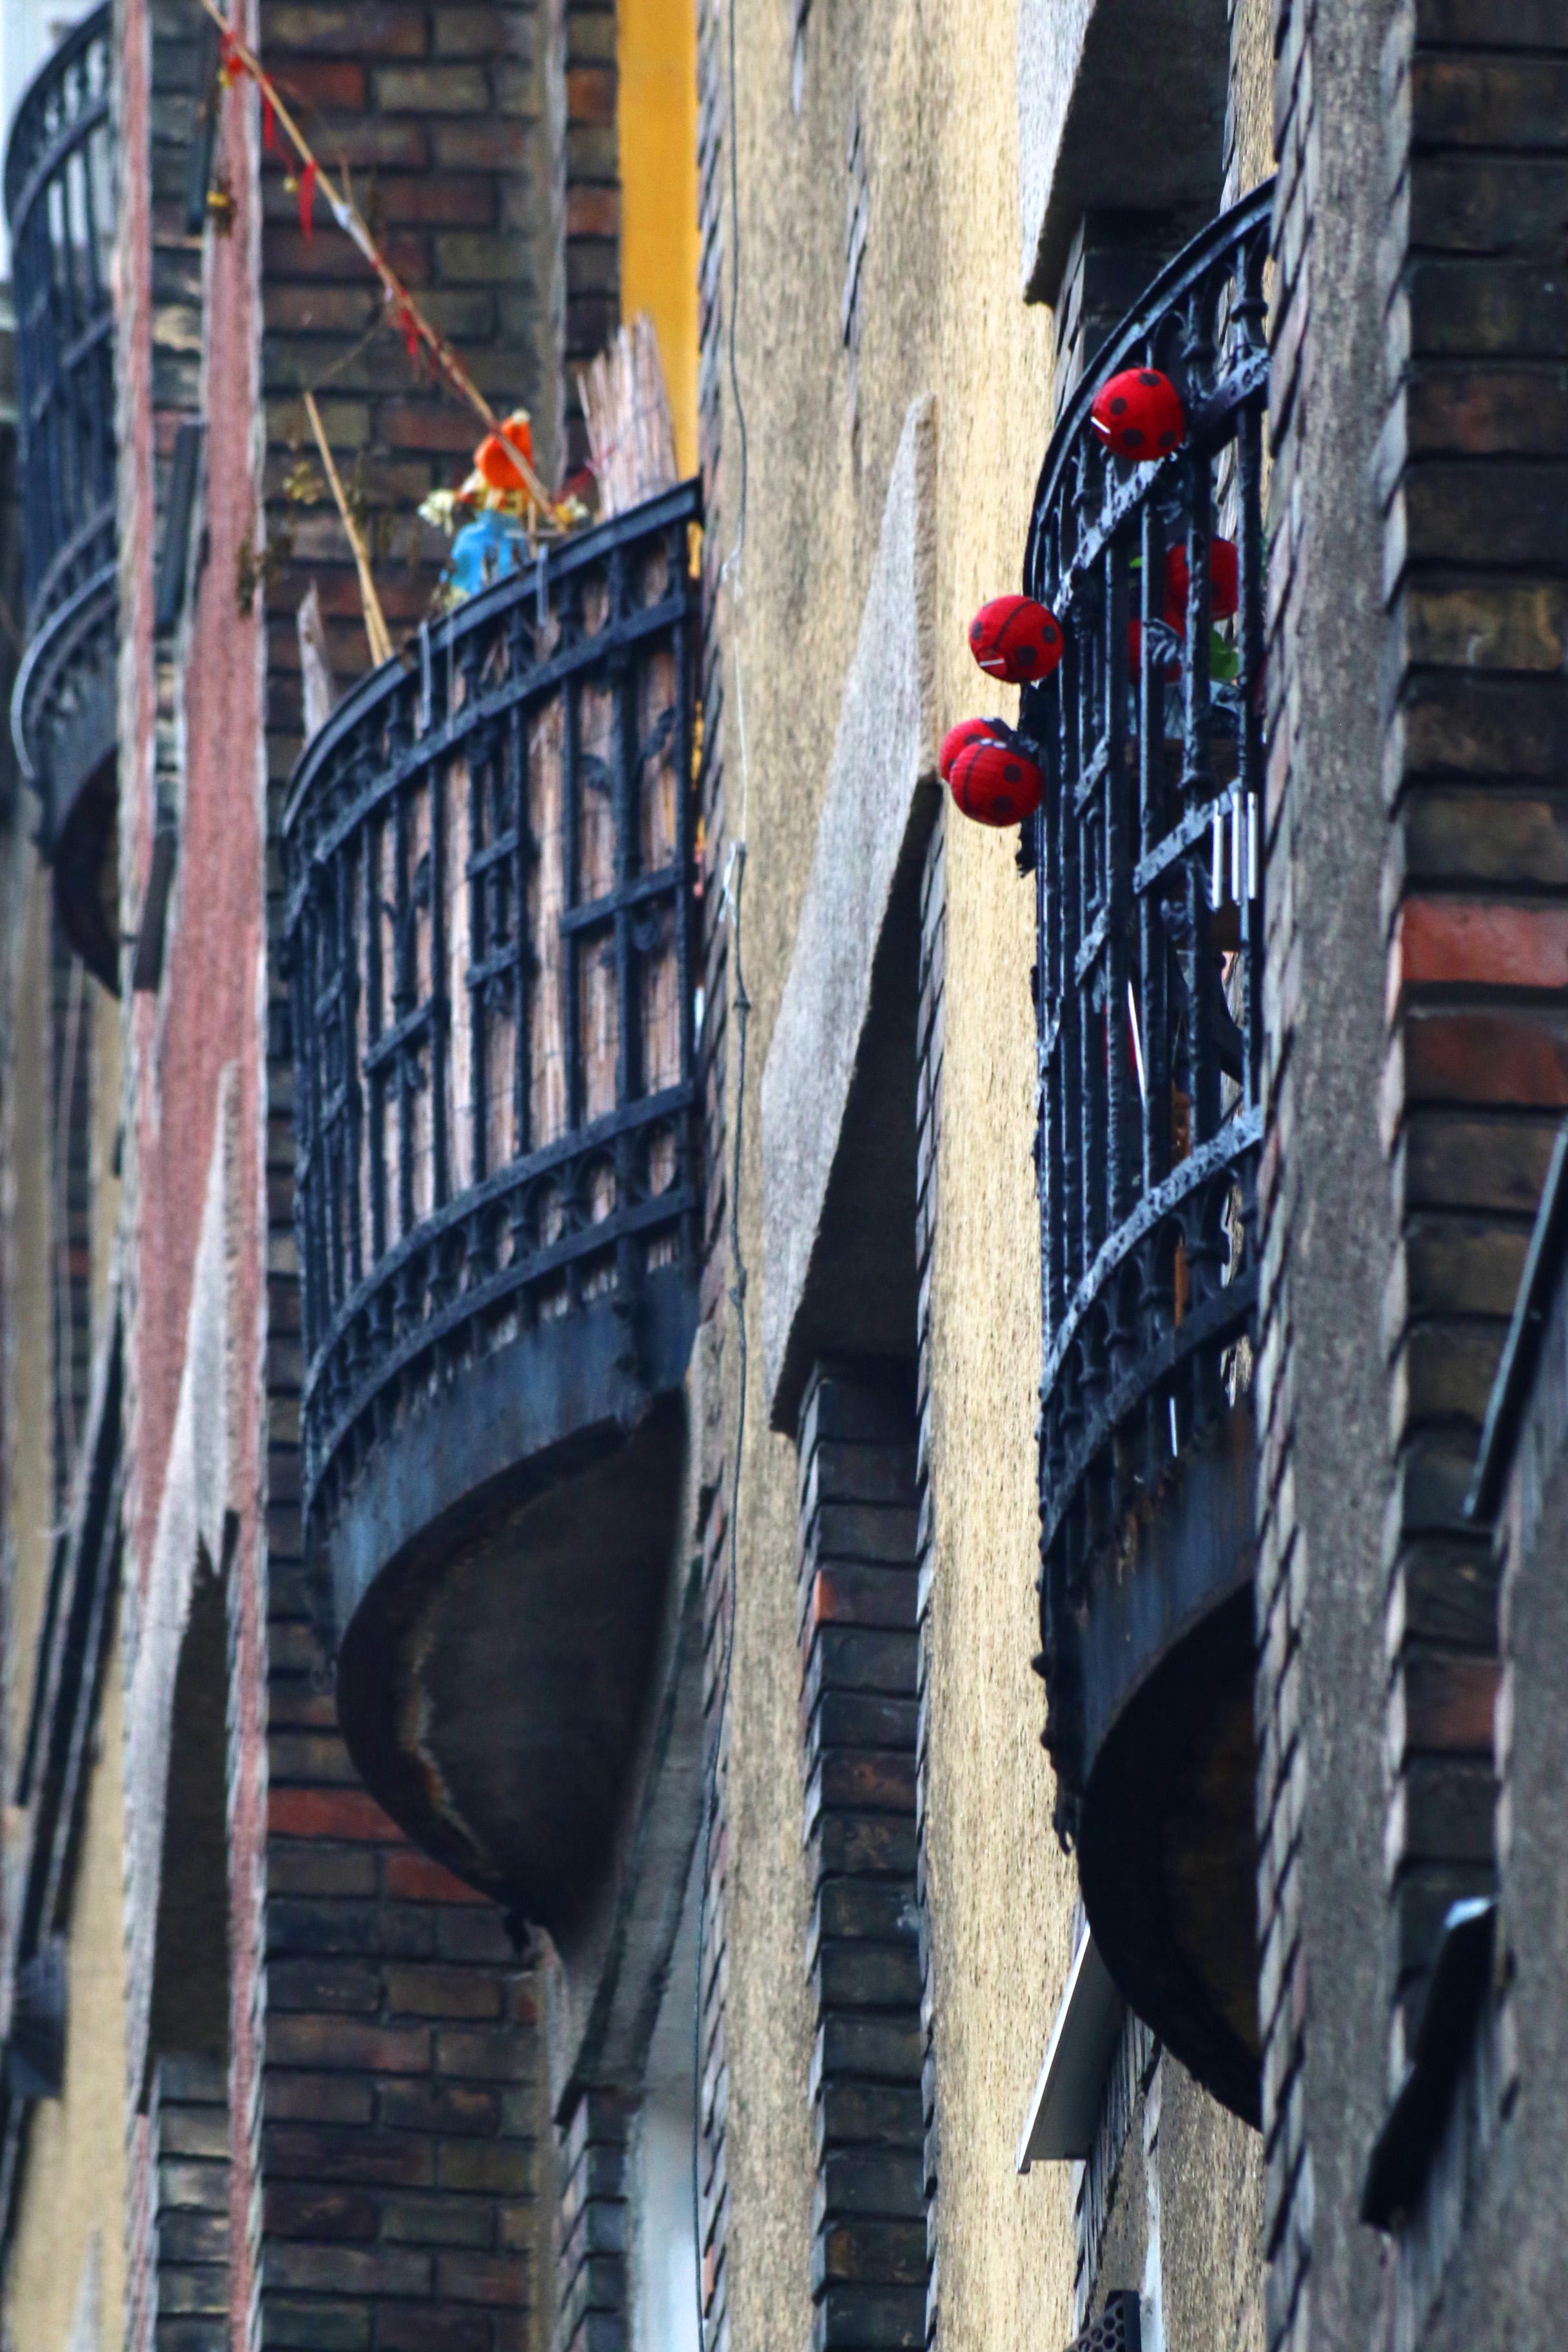 Ganz-MÁVAG kolónia, félköríves erkélyekkel